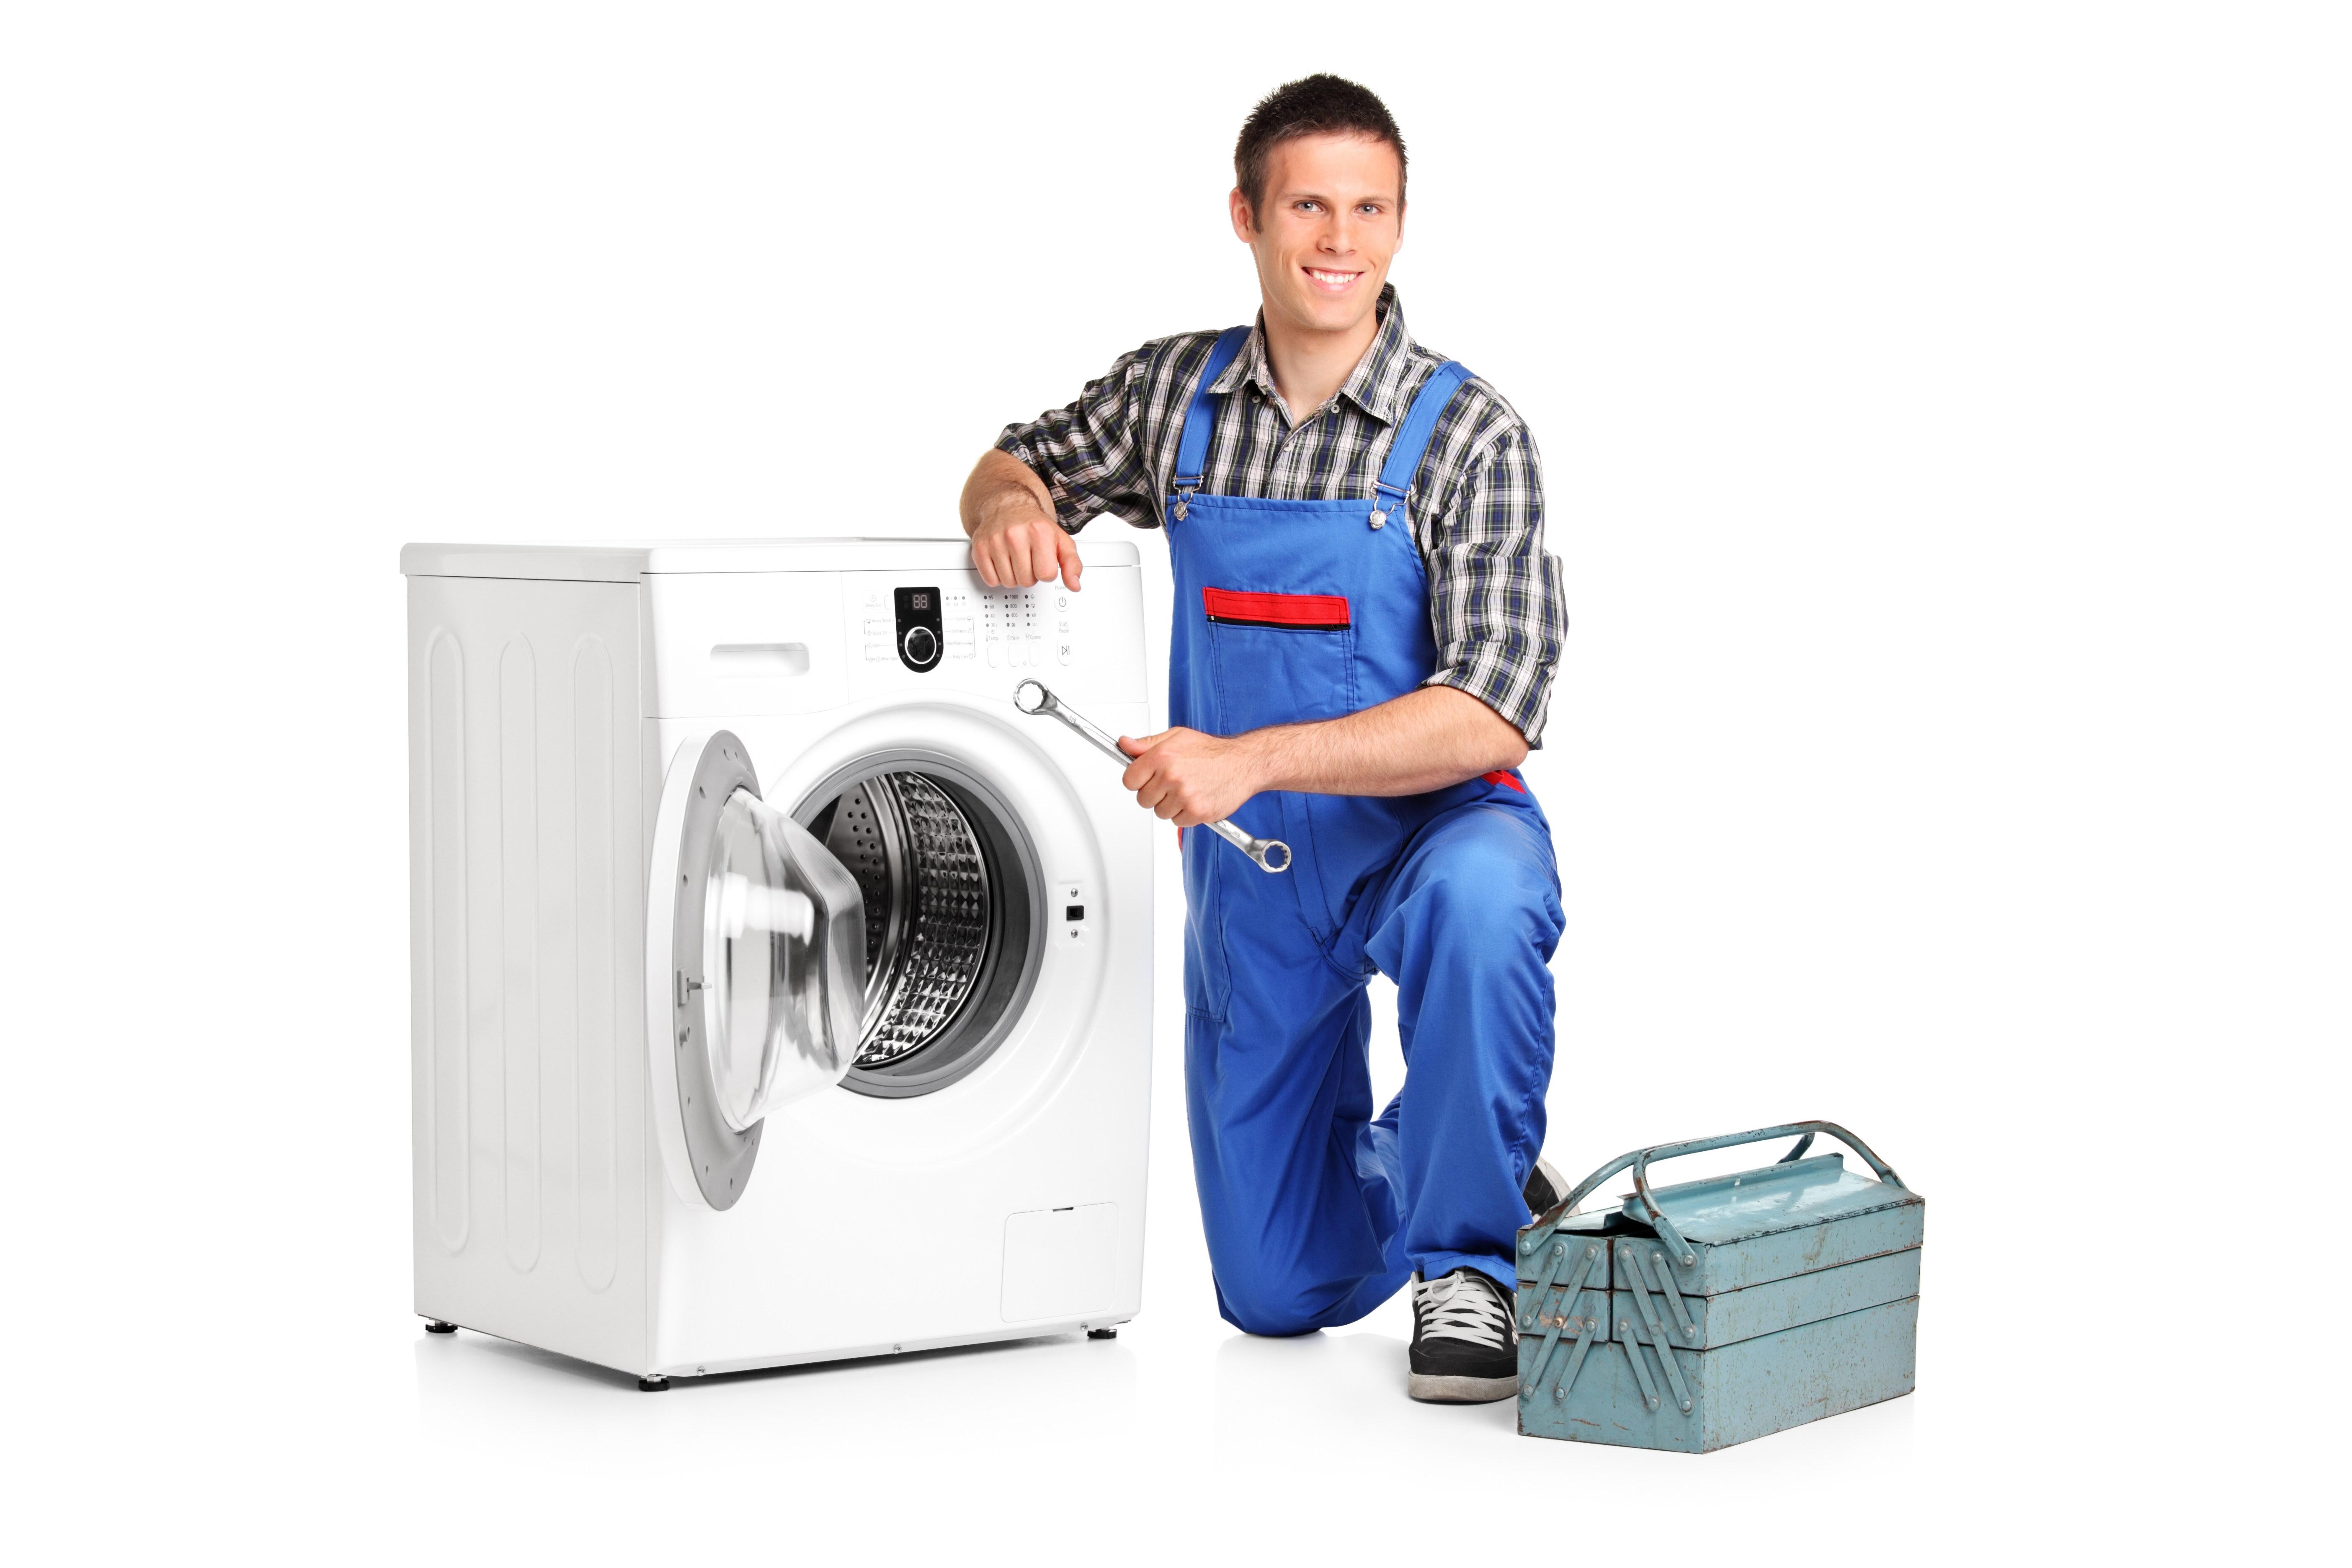 Сервисный центр стиральных машин электролюкс Тверская площадь сервисный центр стиральных машин bosch 1-й Сентябрьский переулок (дачный поселок Кокошкино)